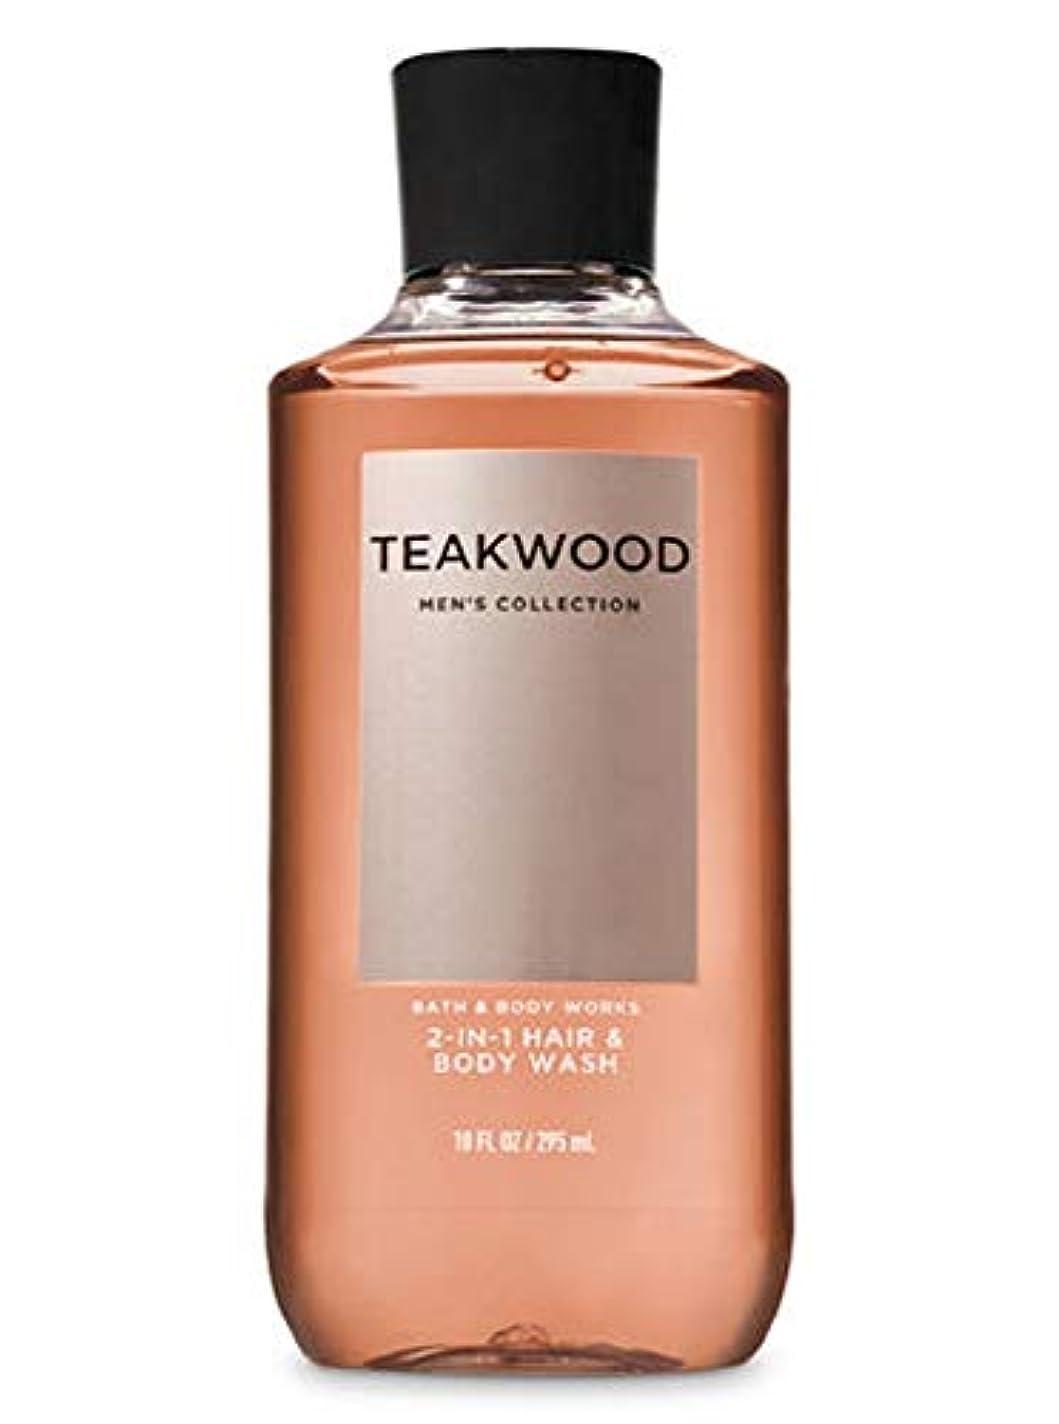 聖域無意識ハウジング【並行輸入品】Bath & Body Works TEAKWOOD 2-in-1 Hair + Body Wash